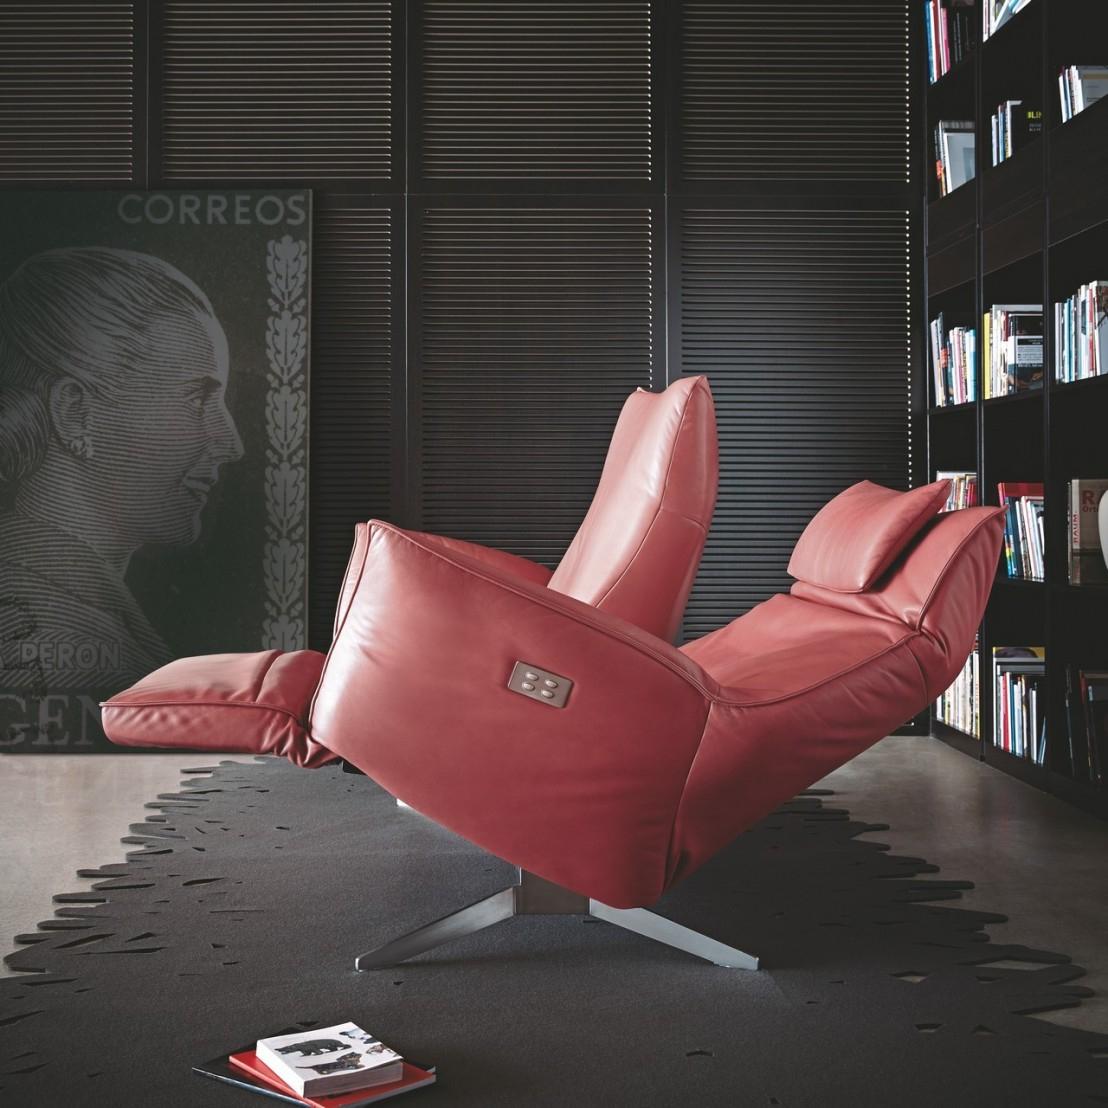 Canapé Design Relax Éléctrique Compact Cuir Ou Tissu 2 ... serapportantà Canape Relax Design